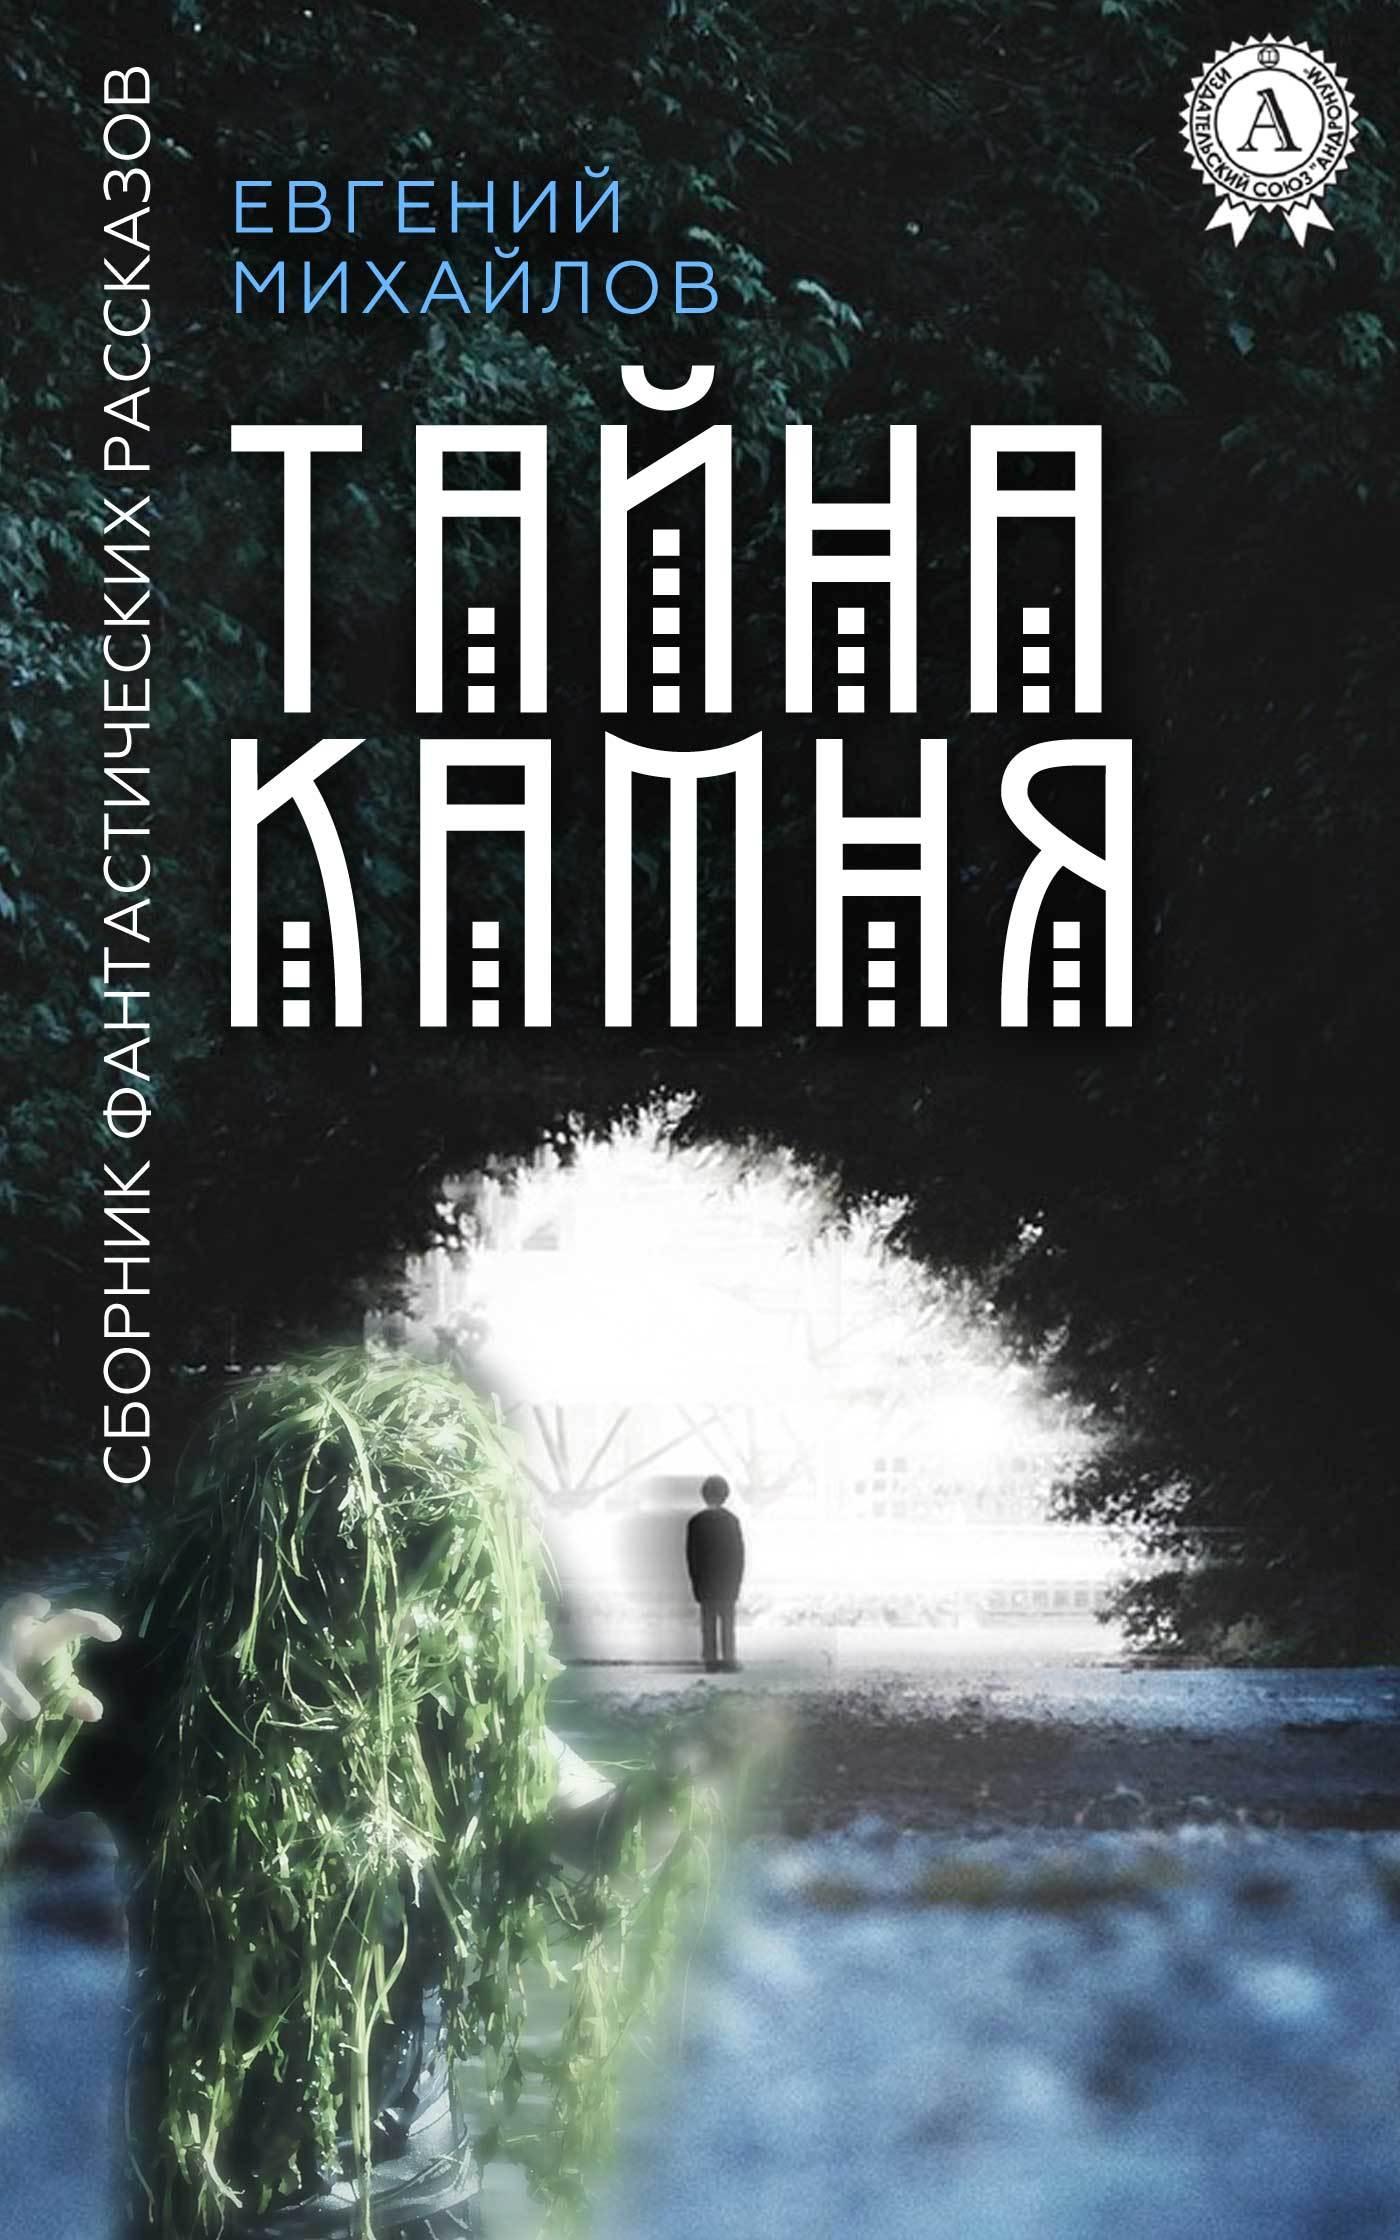 Евгений Михайлов Тайна камня радуга м сверхвозможности человека как стать экстрасенсом